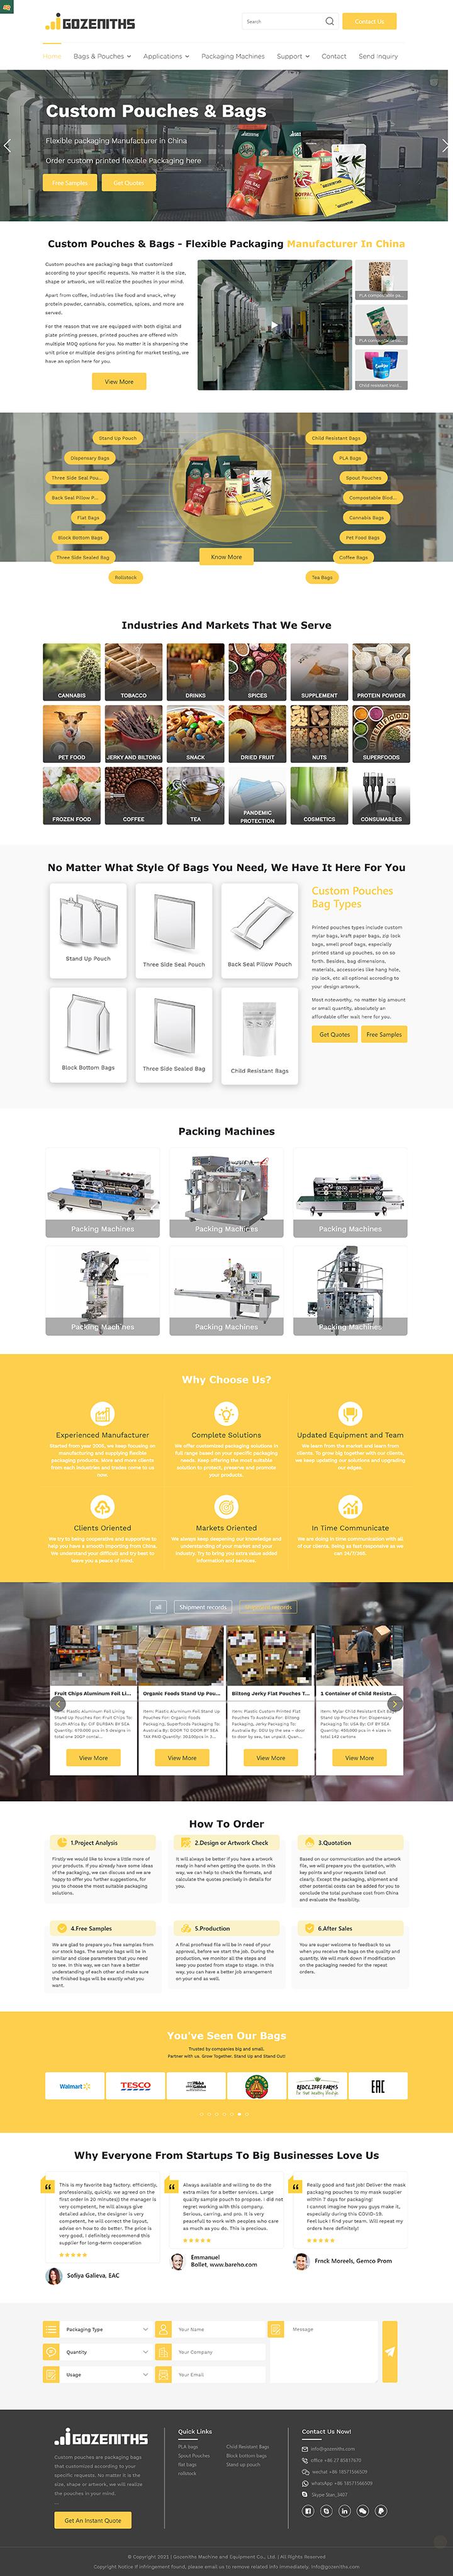 Gozeniths Machine and Equipment Co., Ltd.